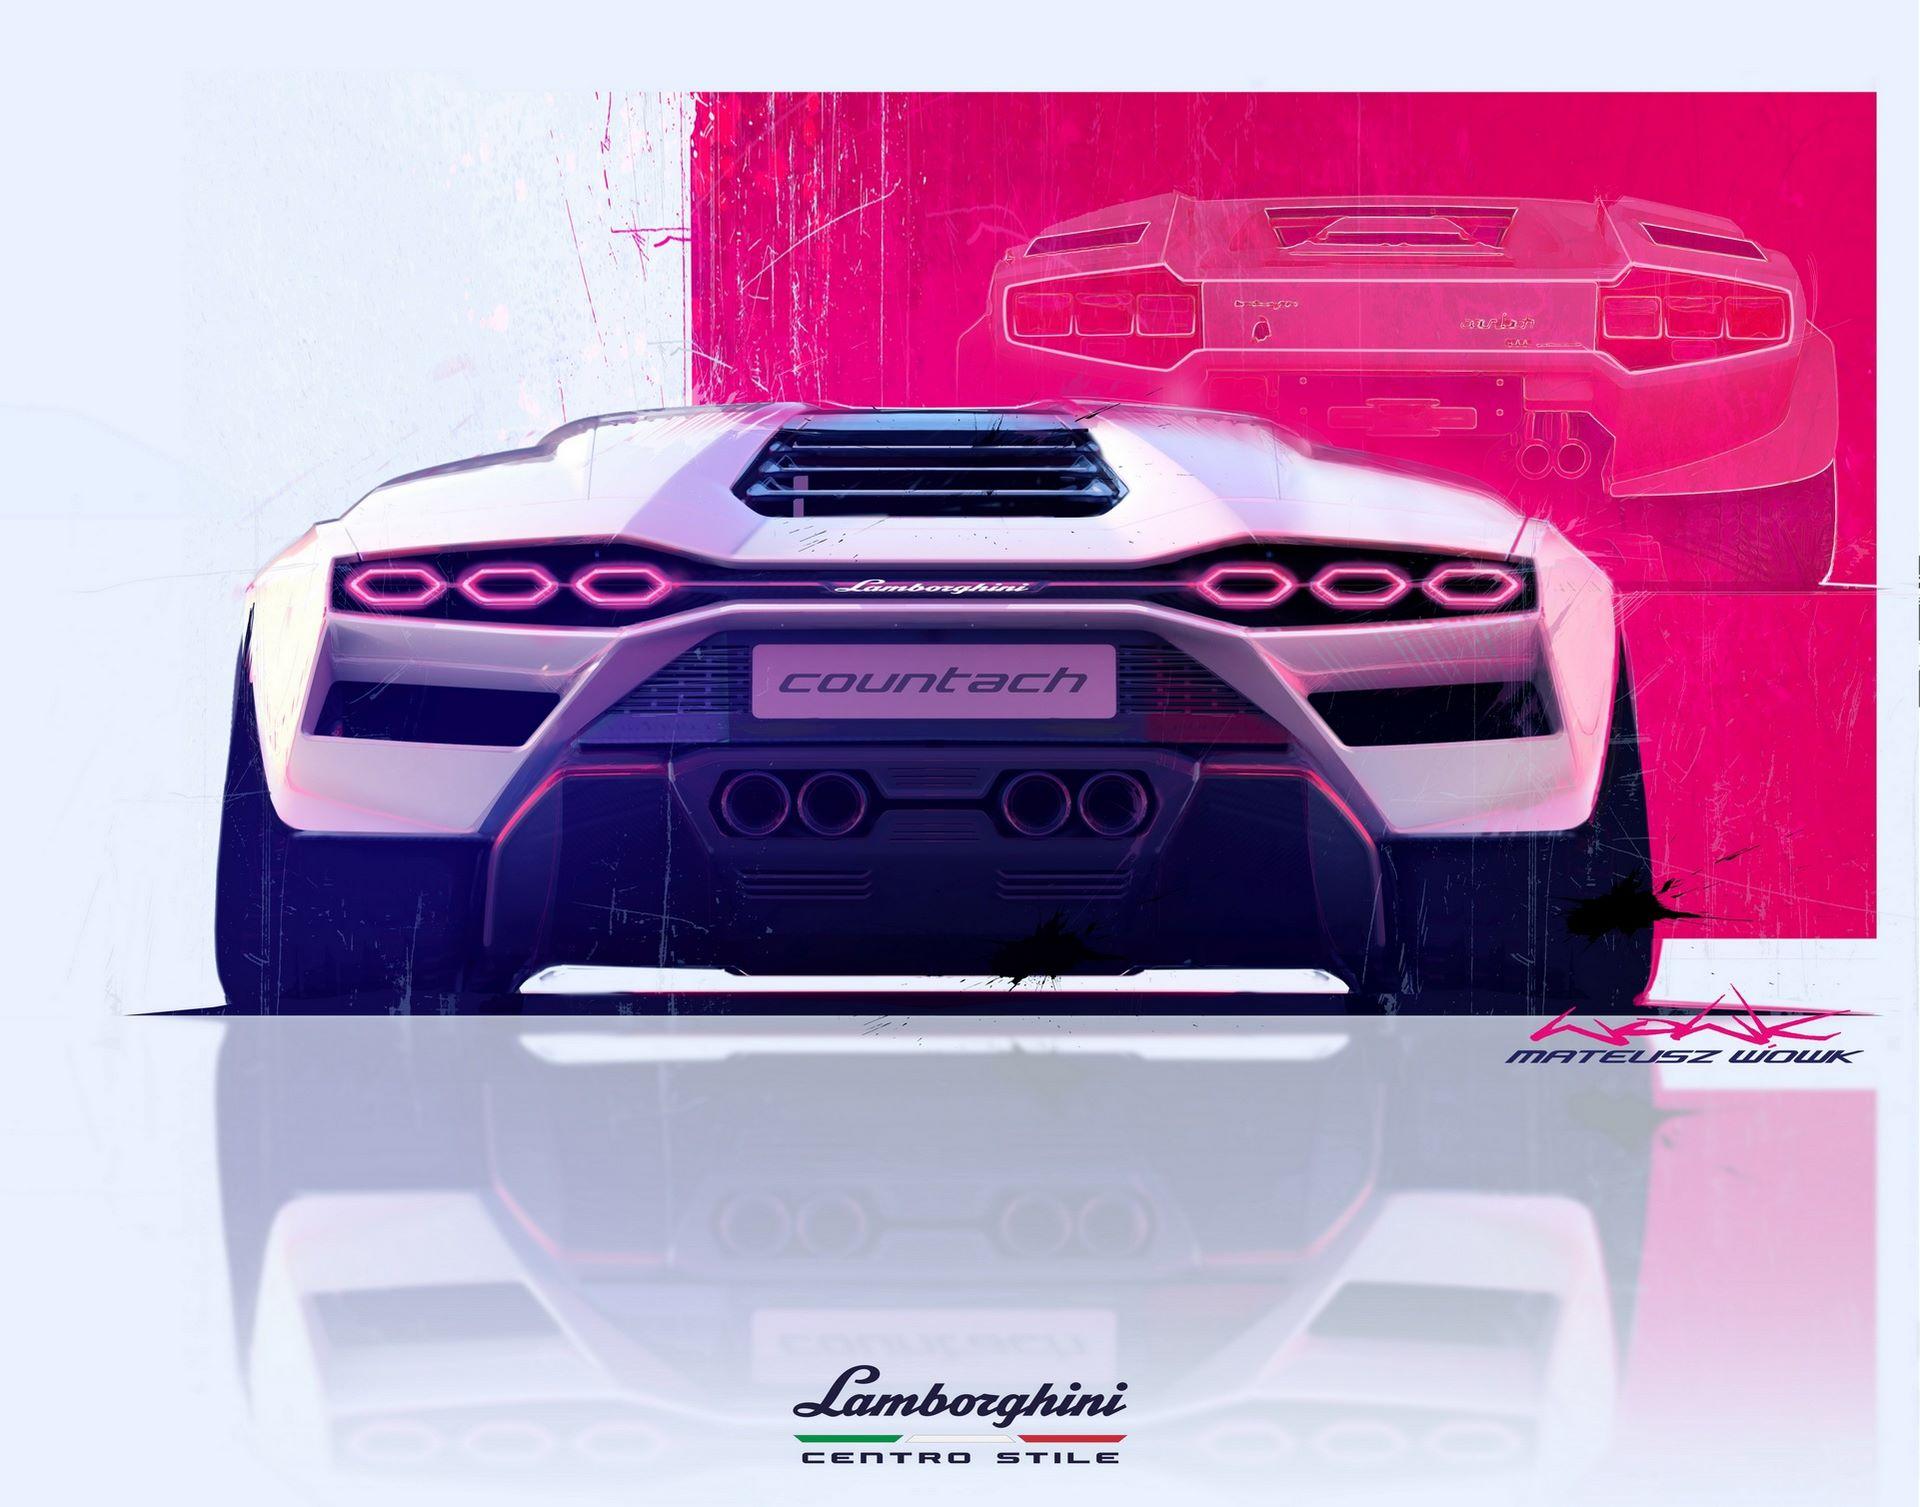 Lamborghini-Countach-LPI-800-4-108